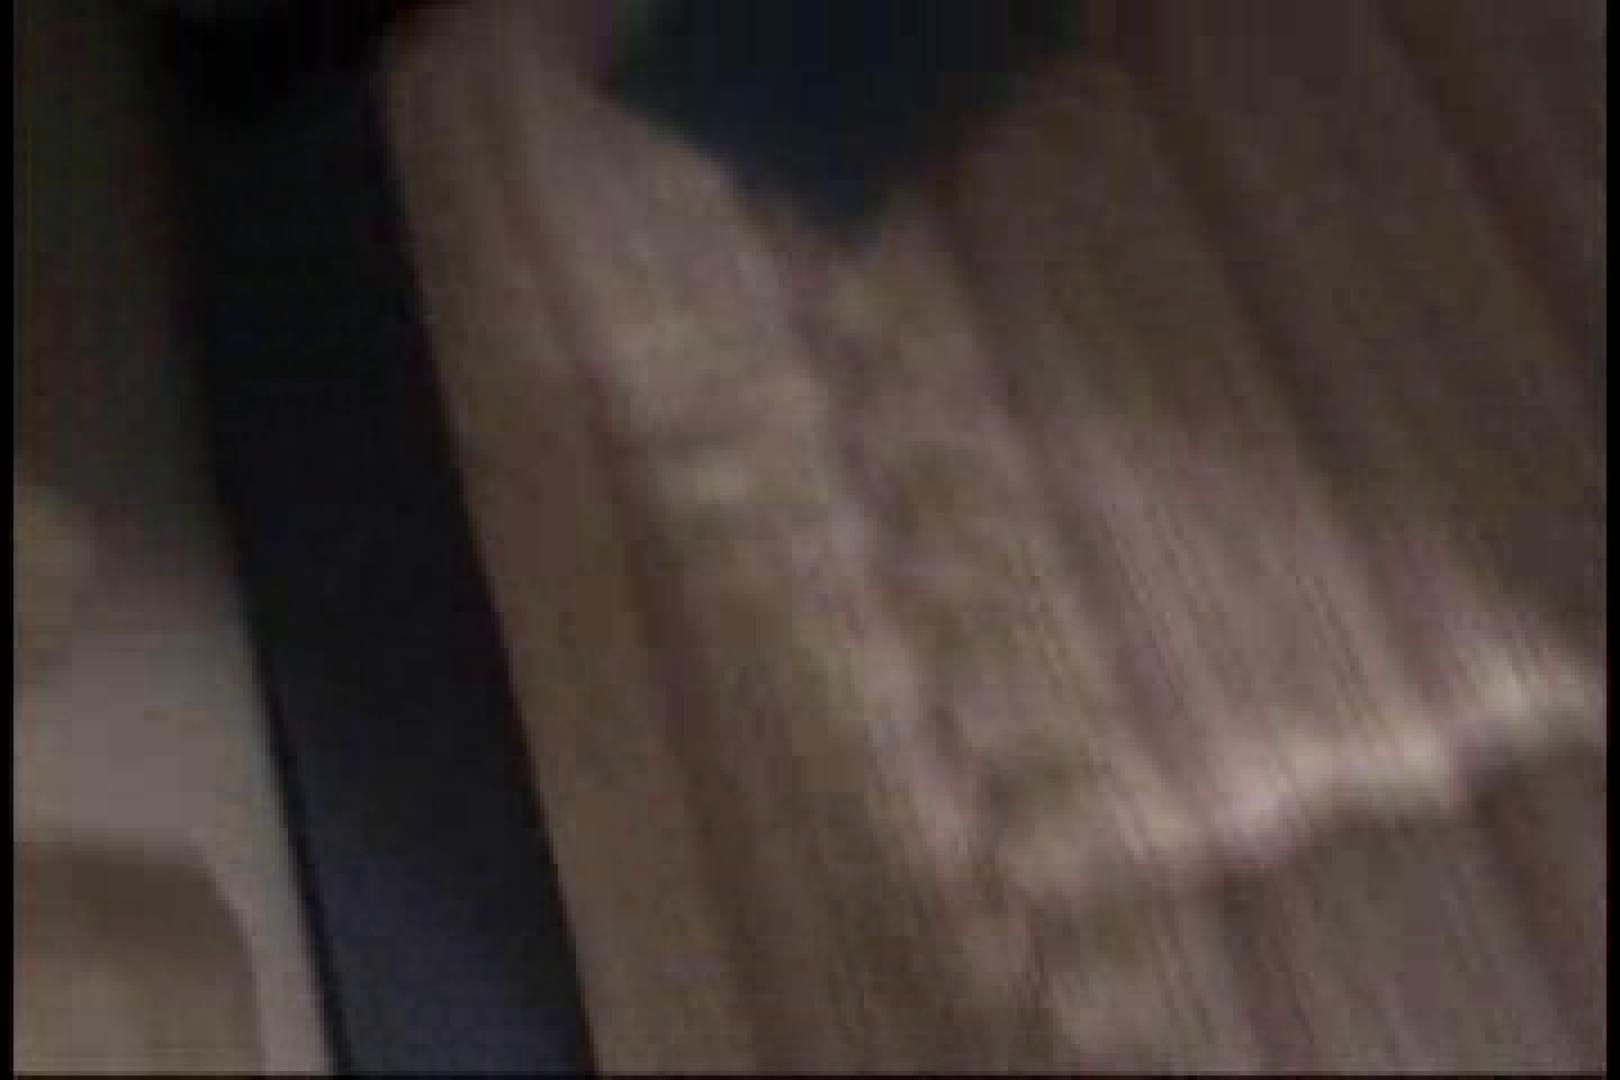 三ツ星シリーズ!!陰間茶屋独占!!第二弾!!イケメン羞恥心File.04 アナル挿入 ゲイ丸見え画像 59pic 7